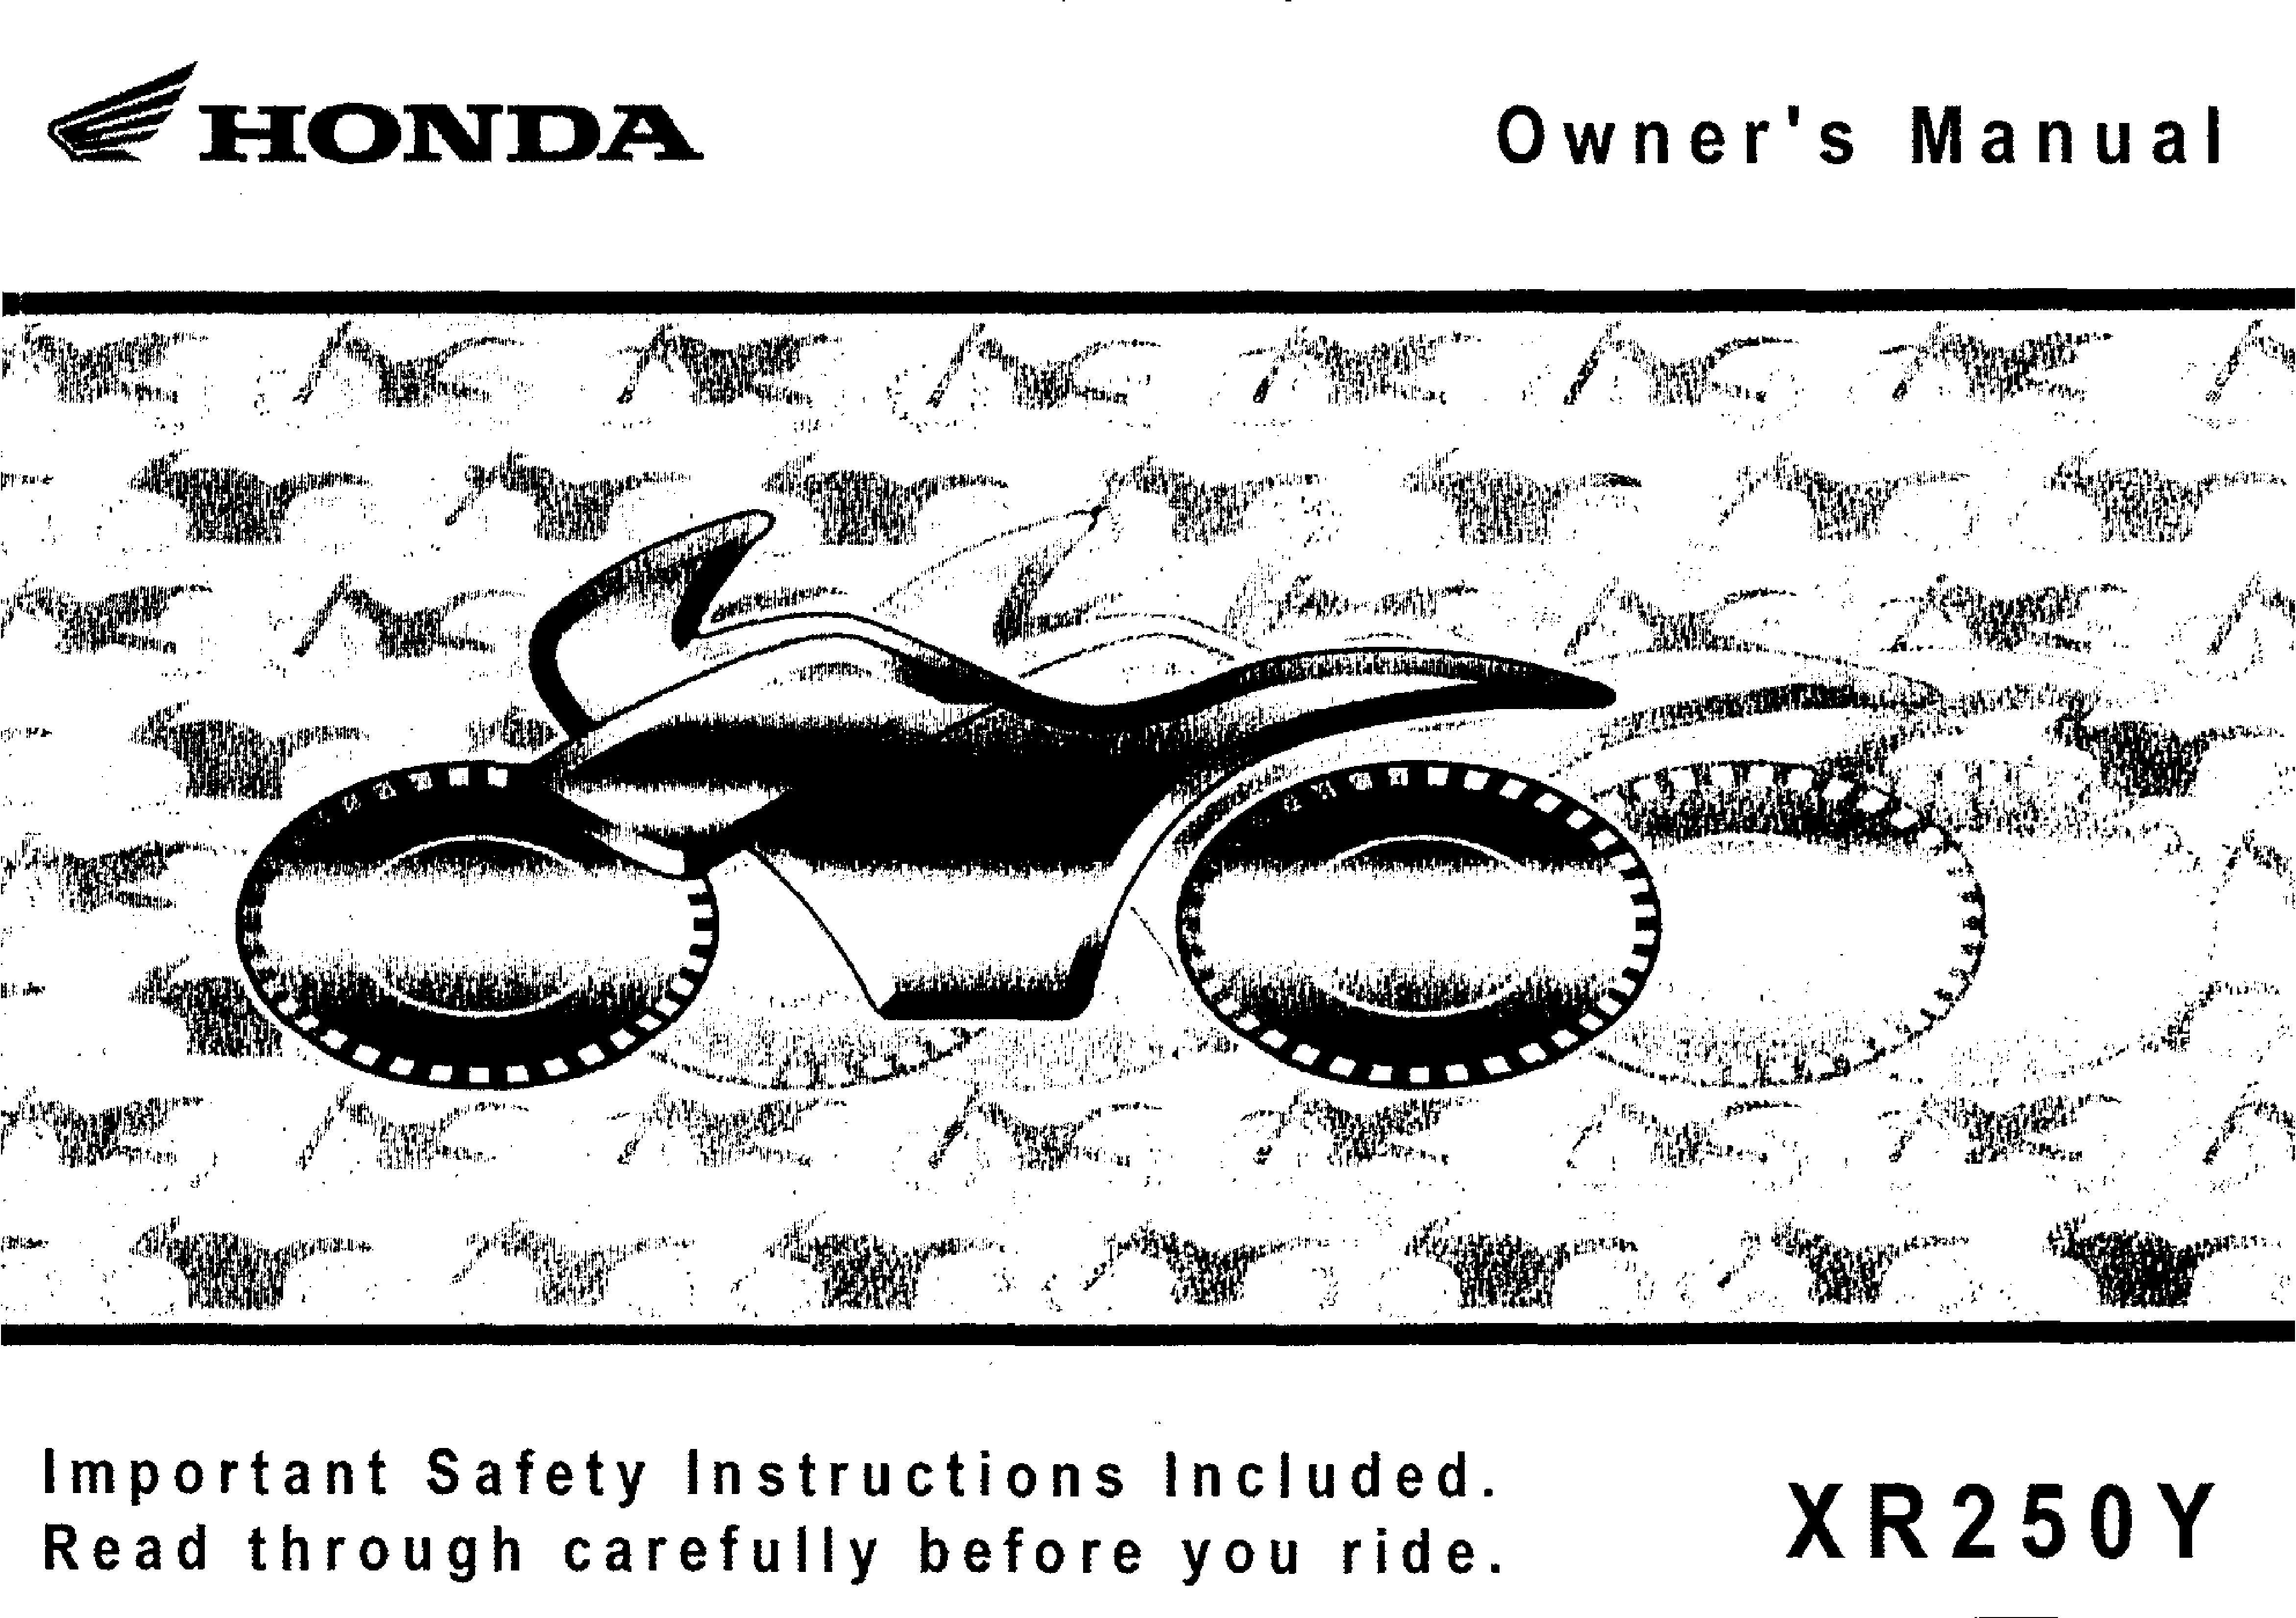 Owner's manual for Honda XR250Y